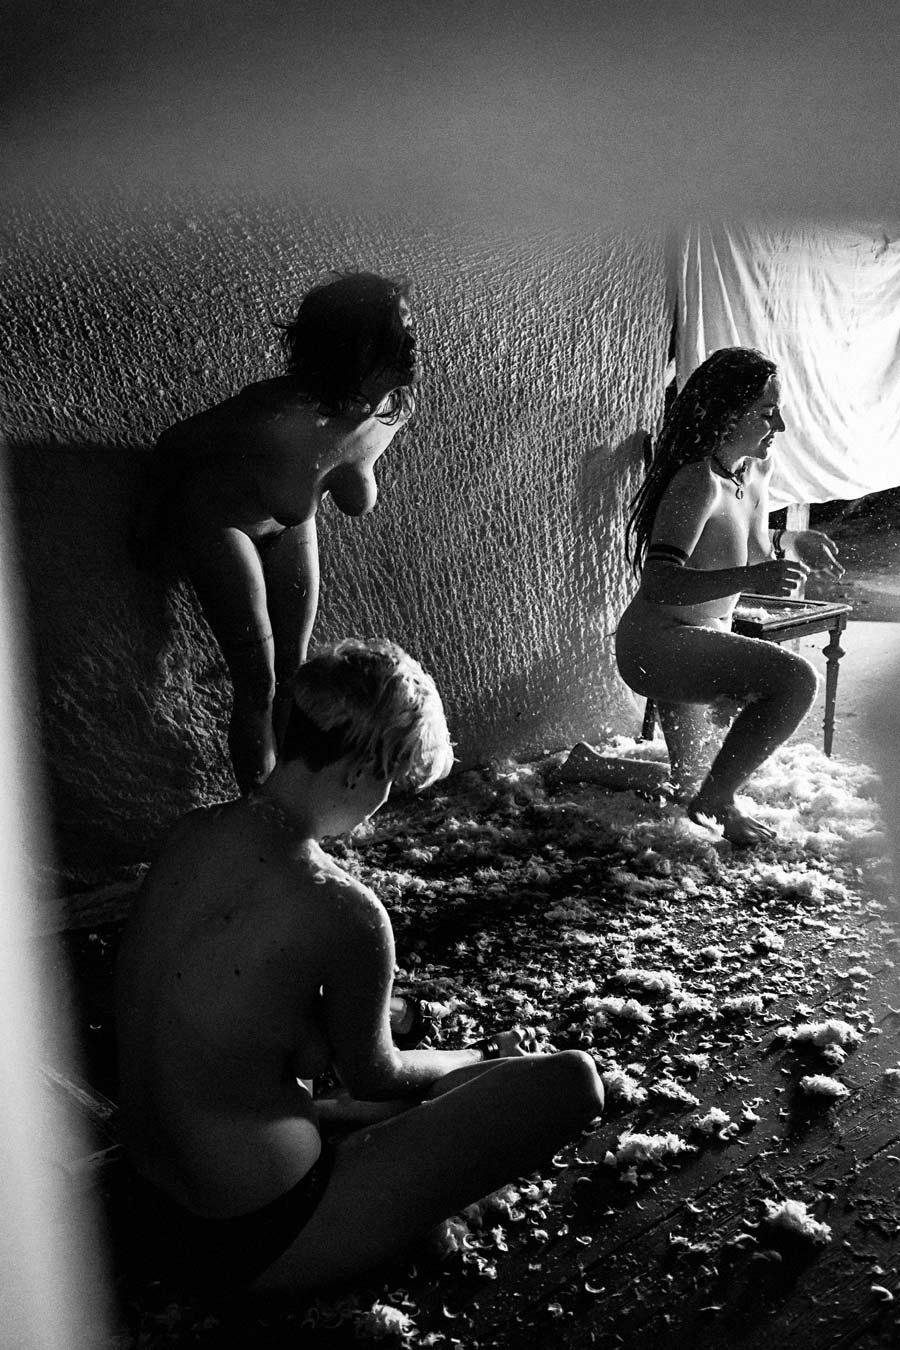 Die Essenz der Dinge, eine Fotoserie von Antje Kröger